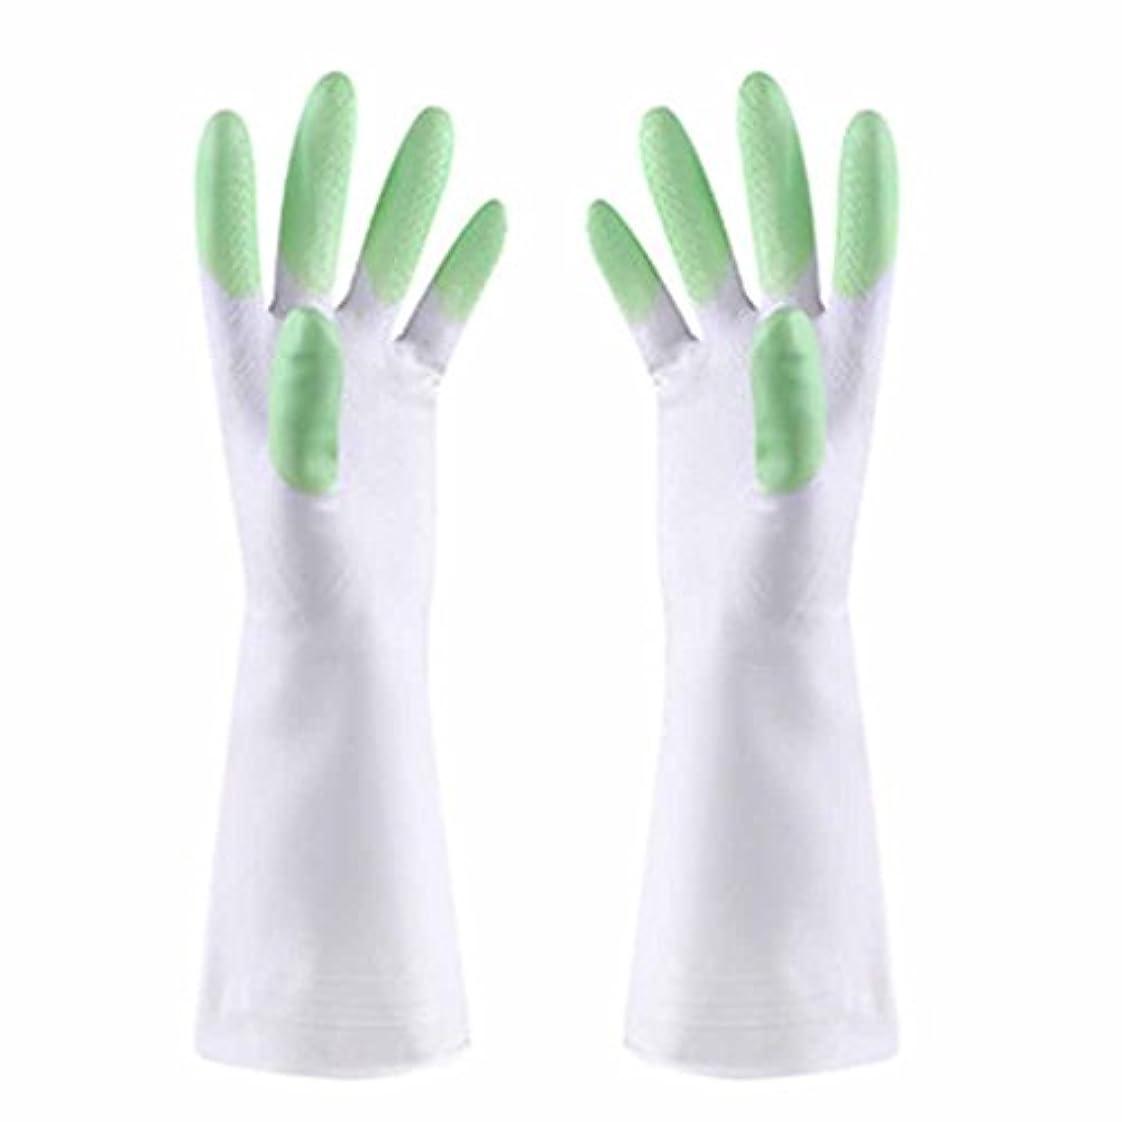 の量フルーツ活気づける使い捨て手袋 防水性と耐油性の薄い手袋PVCスマートで耐久性の高いキッチン多機能手袋 (Color : Green)